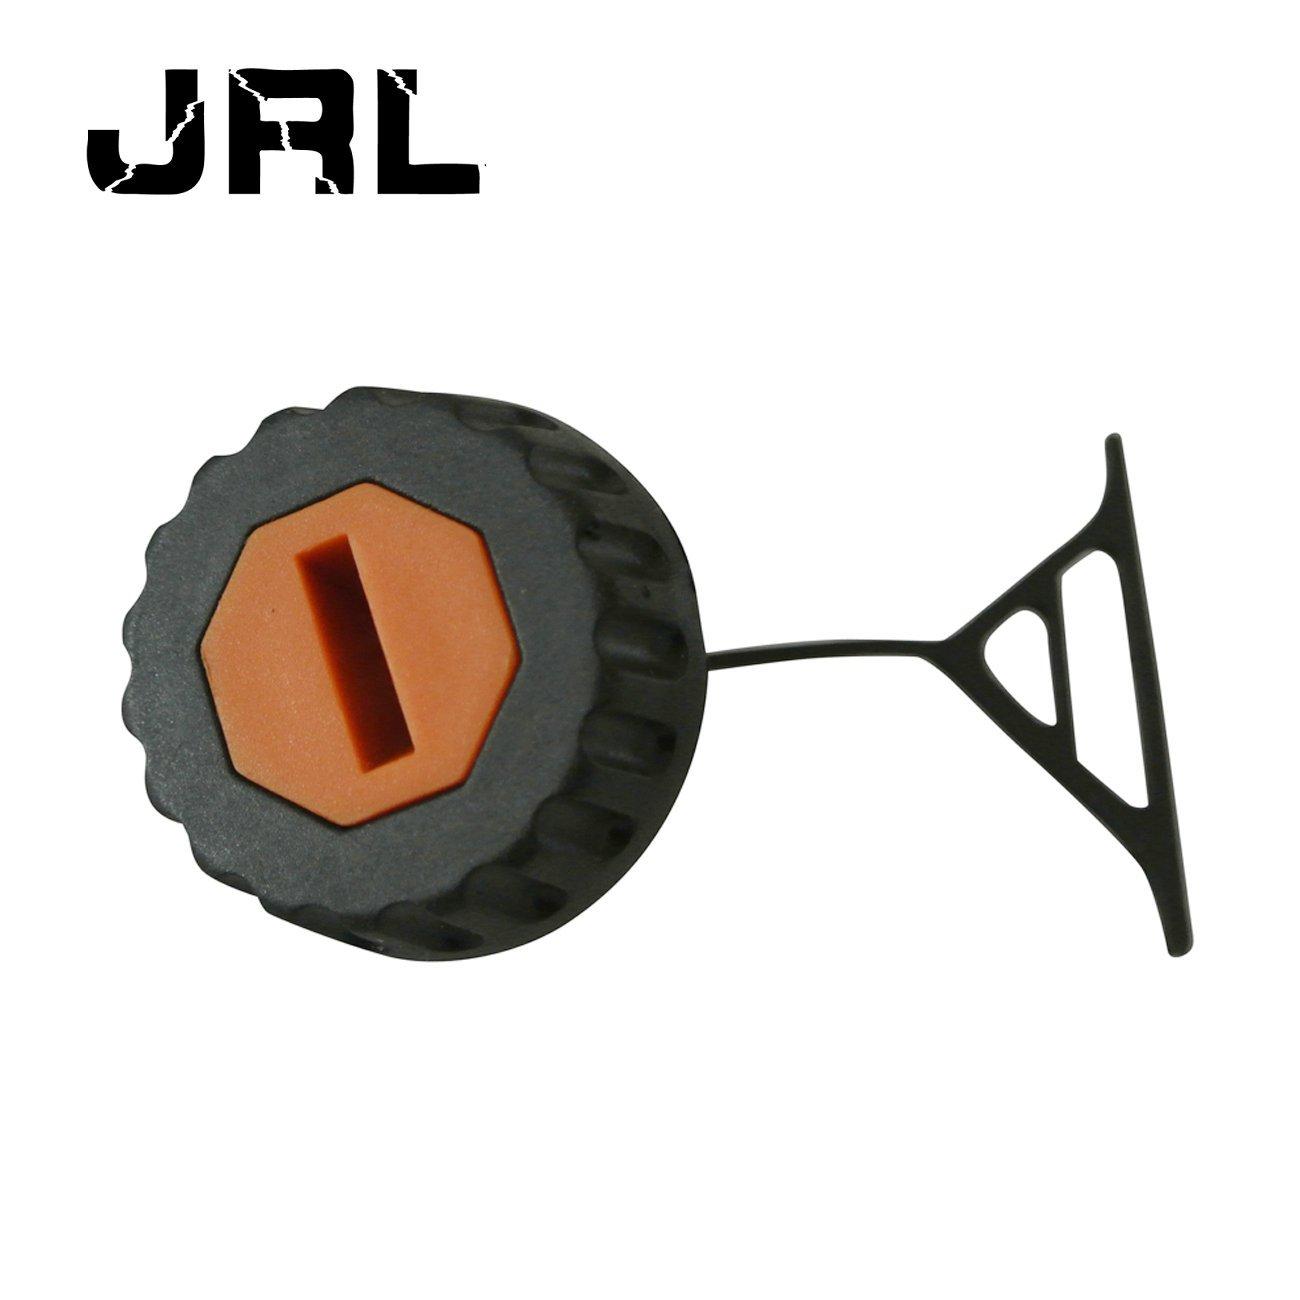 Gas Fuel Cap Oil Cap for STIHL 020 021 023 024 025 026 028 034 036 038 Parts